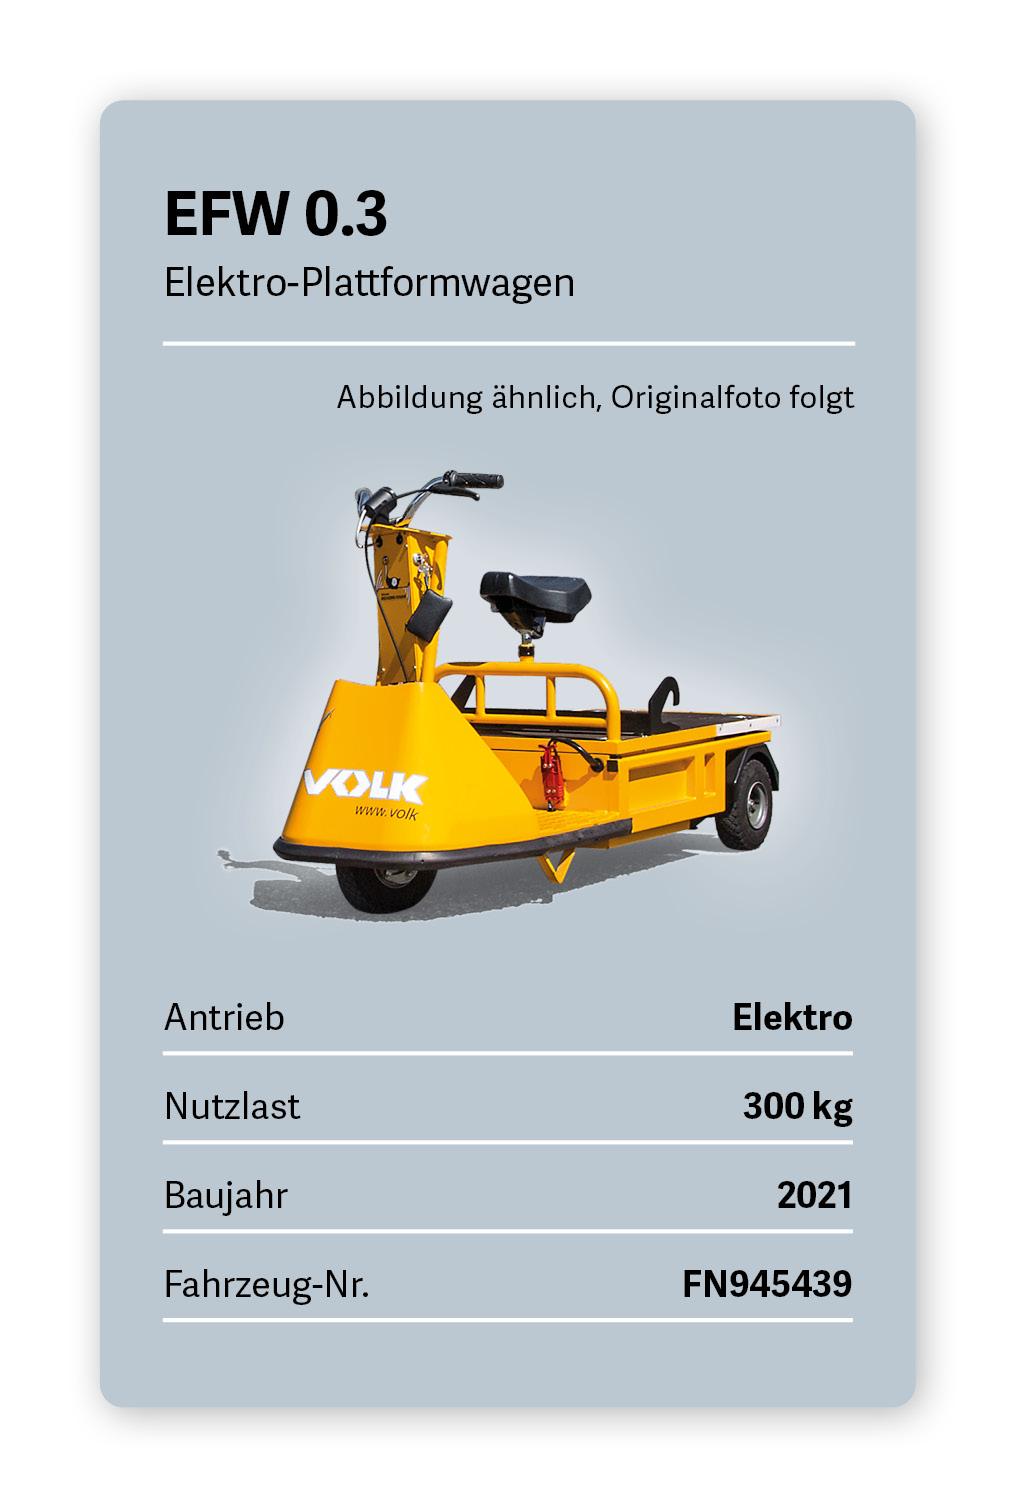 VOLK Elektro Plattformwagen EFW 0.3 Gebraucht